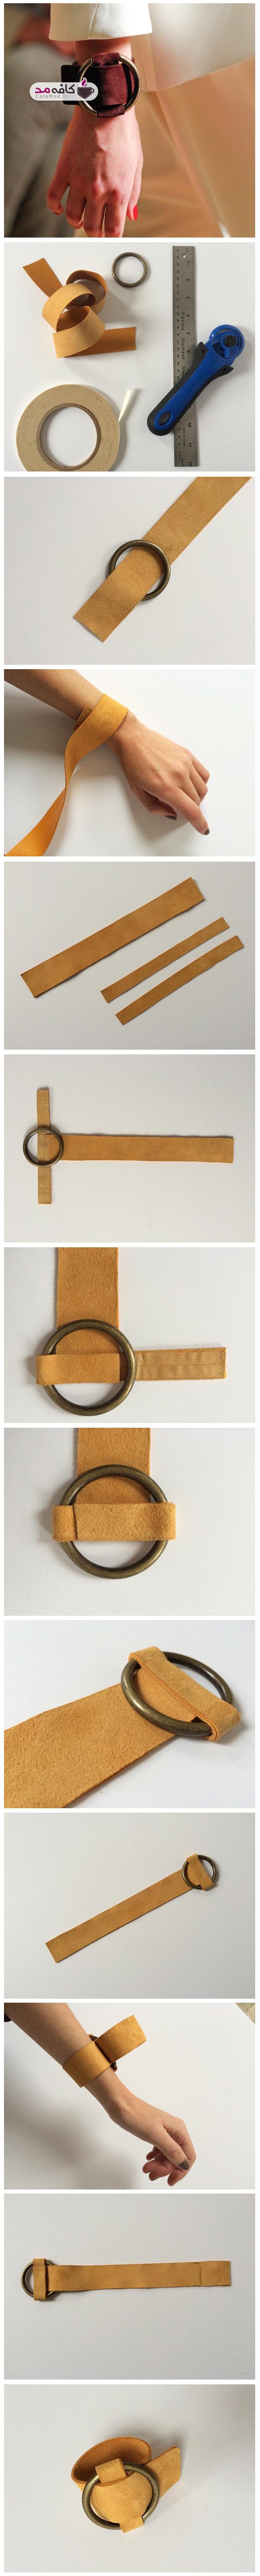 آموزش ساخت دستبند چرمی زنانه